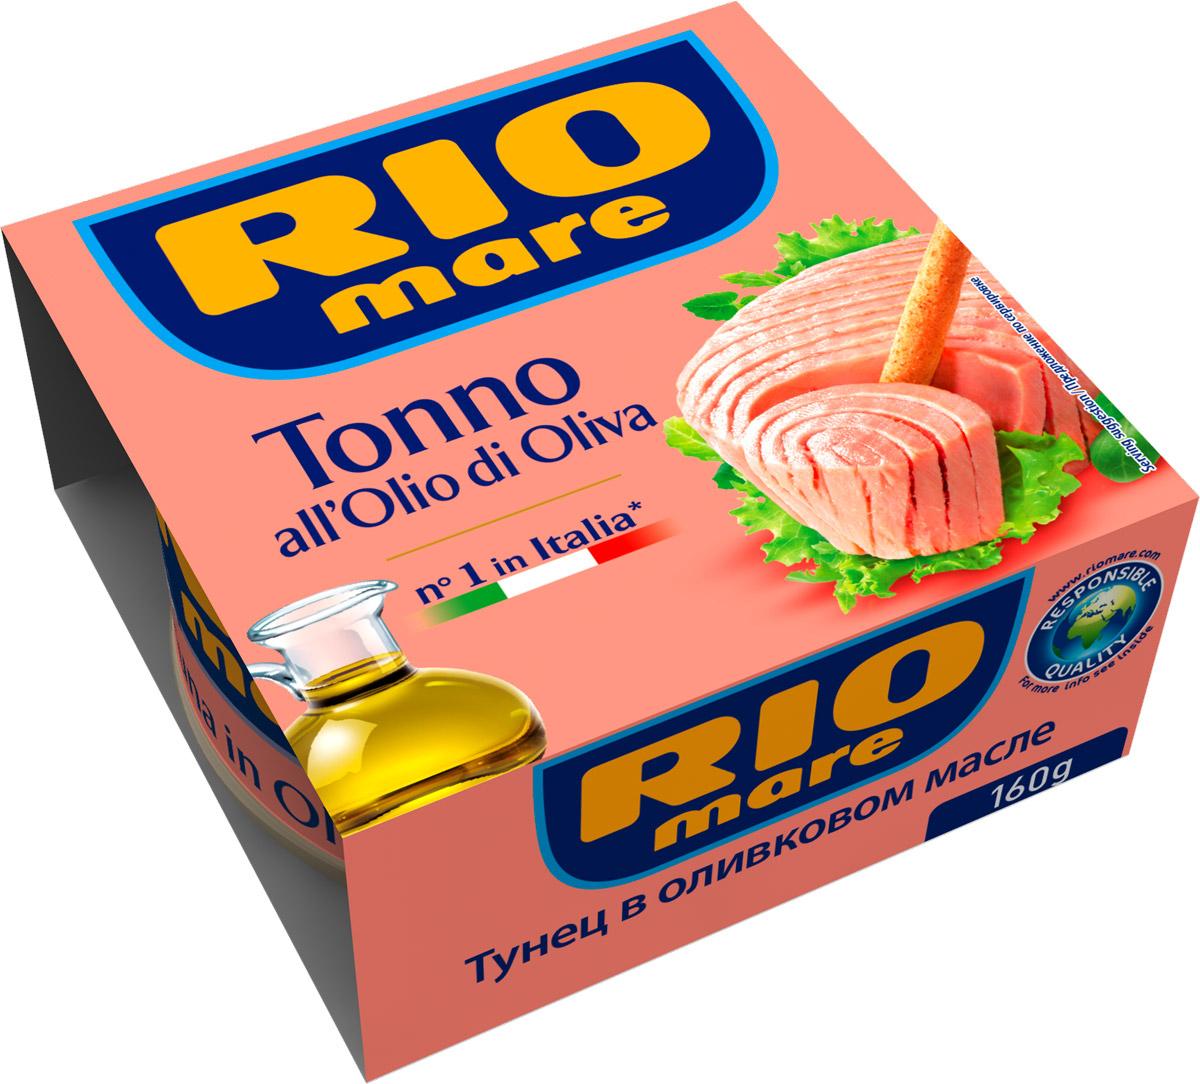 Rio Mare тунец в оливковом масле, 160 ггрс014Тунец в оливковом масле всегда был самым популярным консервированнымпродуктом в Италии.Уникальный, ни с чем не сравнимый вкус тунца Rio Mare, обладающего розовымцветом и неизменным качеством.Высокое качество продукта обеспечивается за счет соблюдения строгогоконтроля и тщательного выполнения процессов обработки; тунец упаковывается вбанки с добавлением только качественного оливкового масла и небольшогоколичества морской соли.Продукт идеален для приготовления различных блюд, от закусок до салатов изсвежих овощей и питательных салатов.